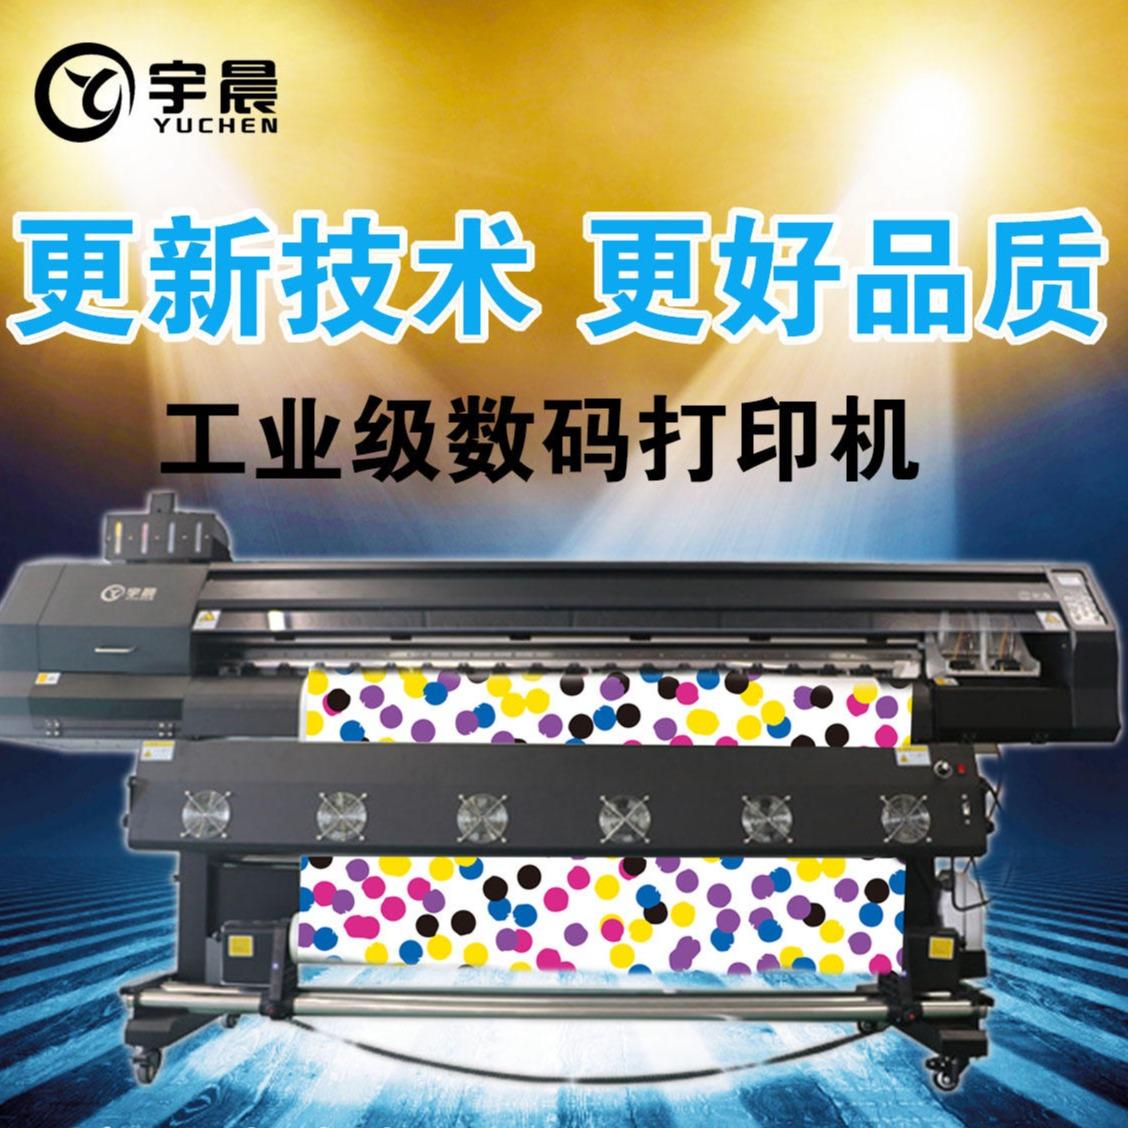 東莞宇晨拉鏈印花機|數碼印花機|熱轉移數碼打印機|國產寫真機|東莞宇晨印花機|箱包印花打印機|打印機噴頭配件教程維修服務